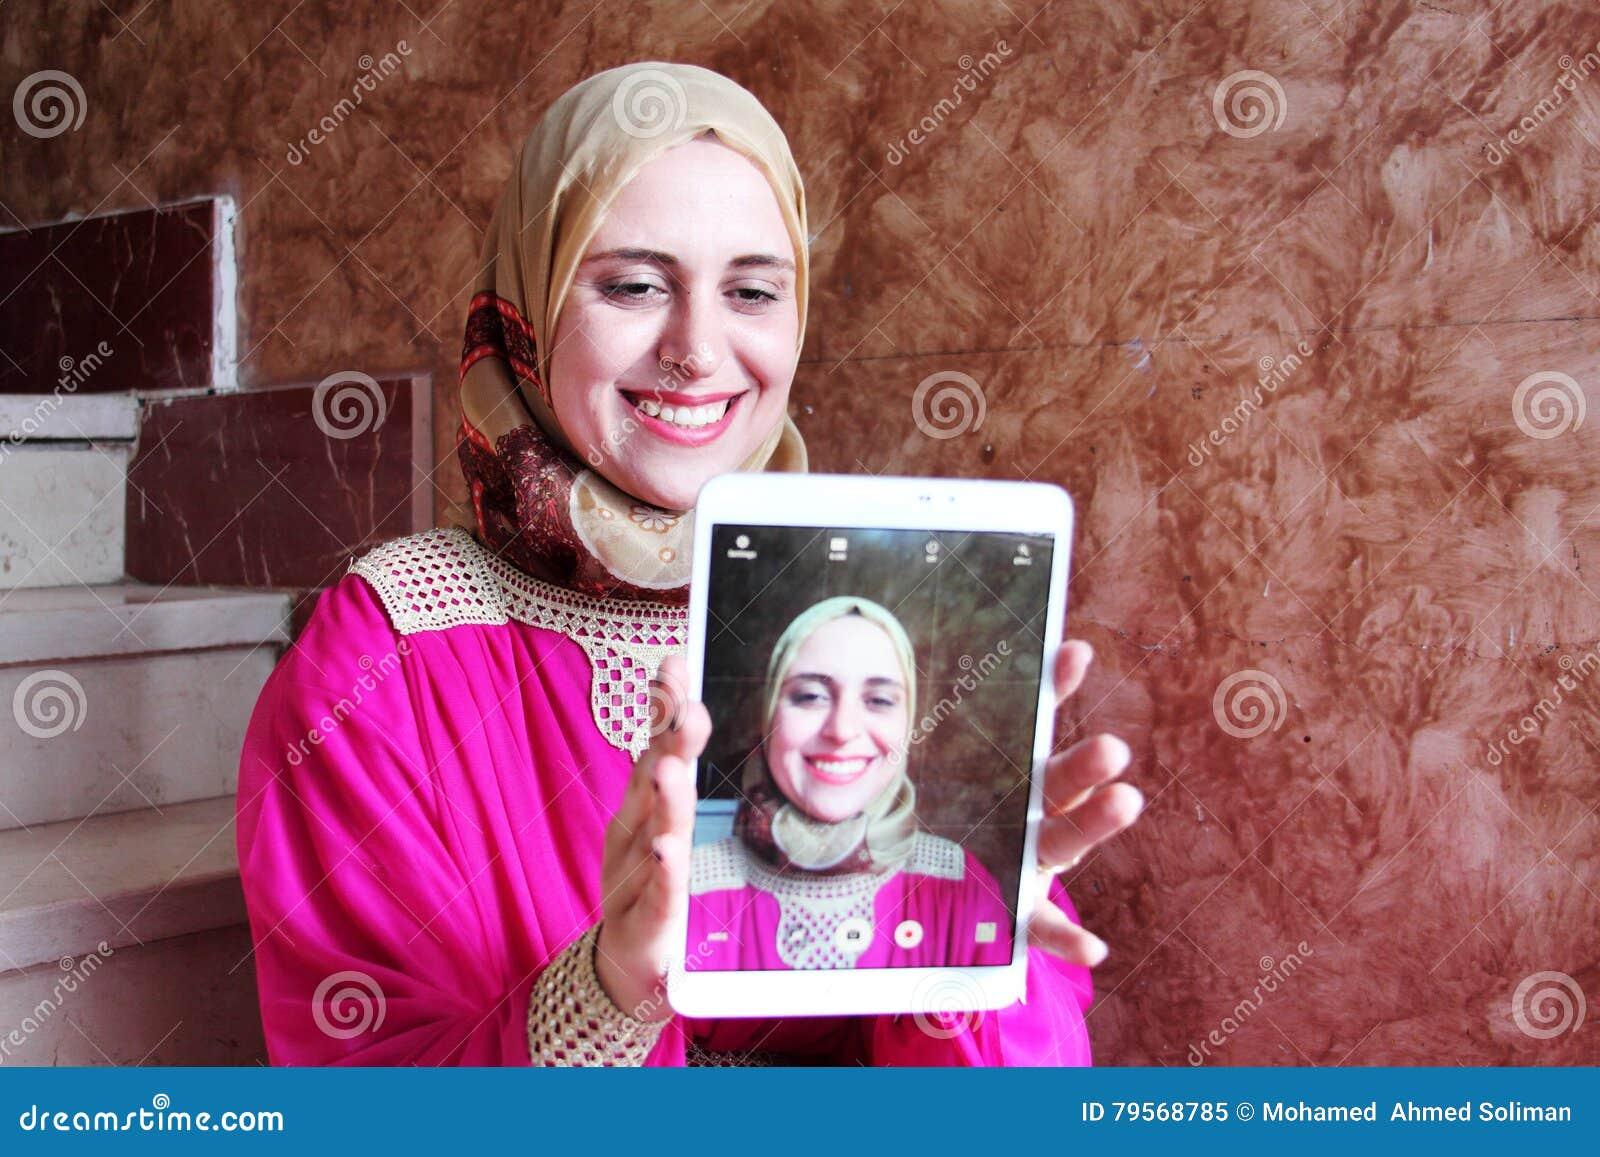 Selfie of happy arab muslim woman wearing hijab